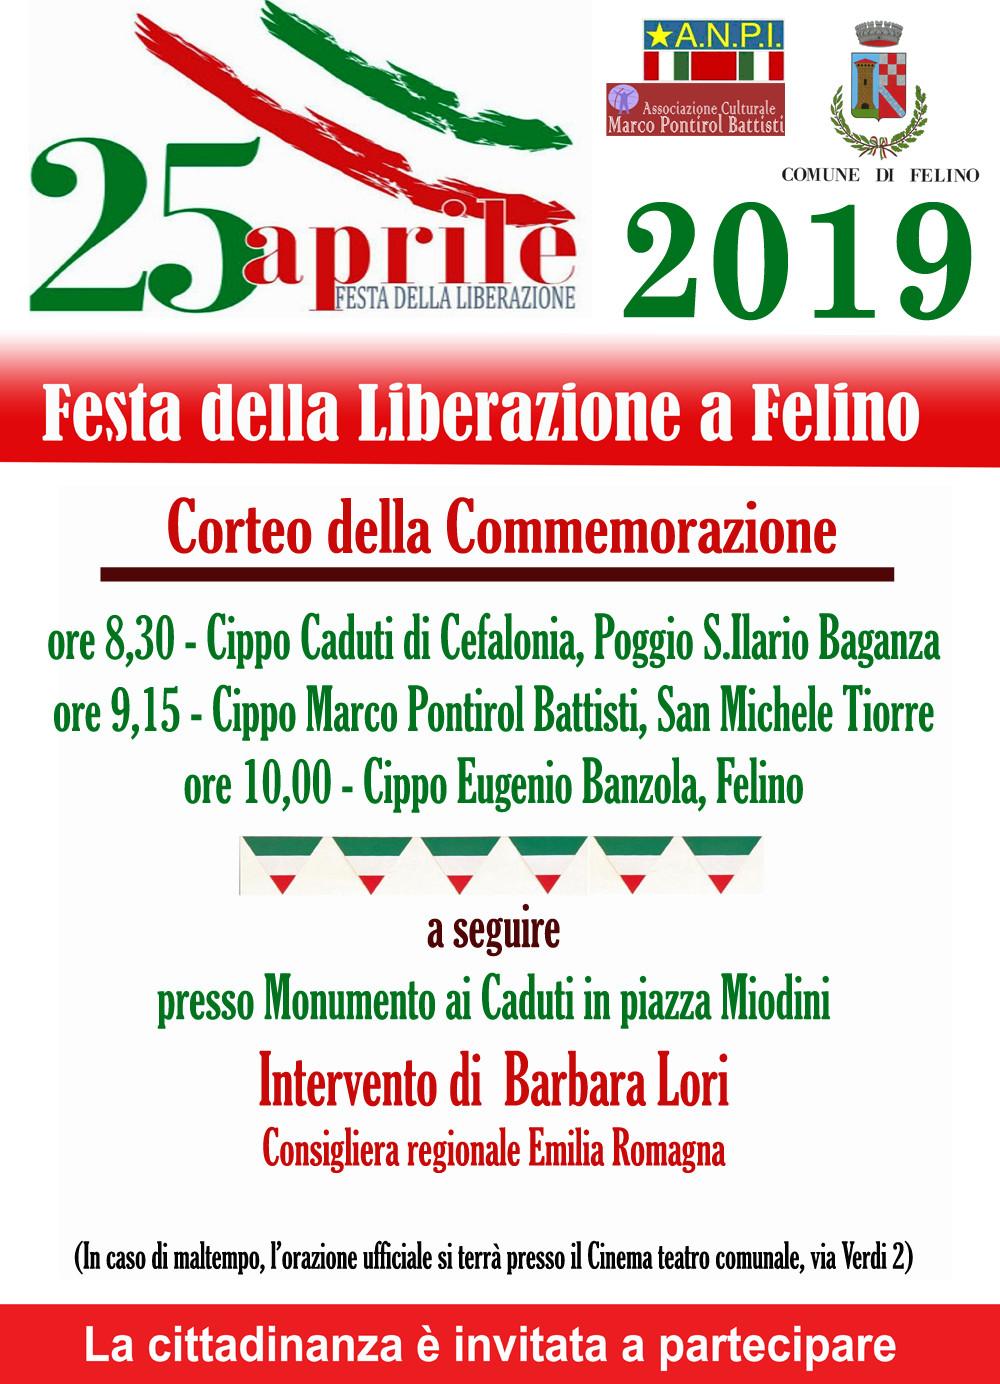 25 APRILE: CALENDARIO EVENTI  FESTA DELLA LIBERAZIONE A FELINO